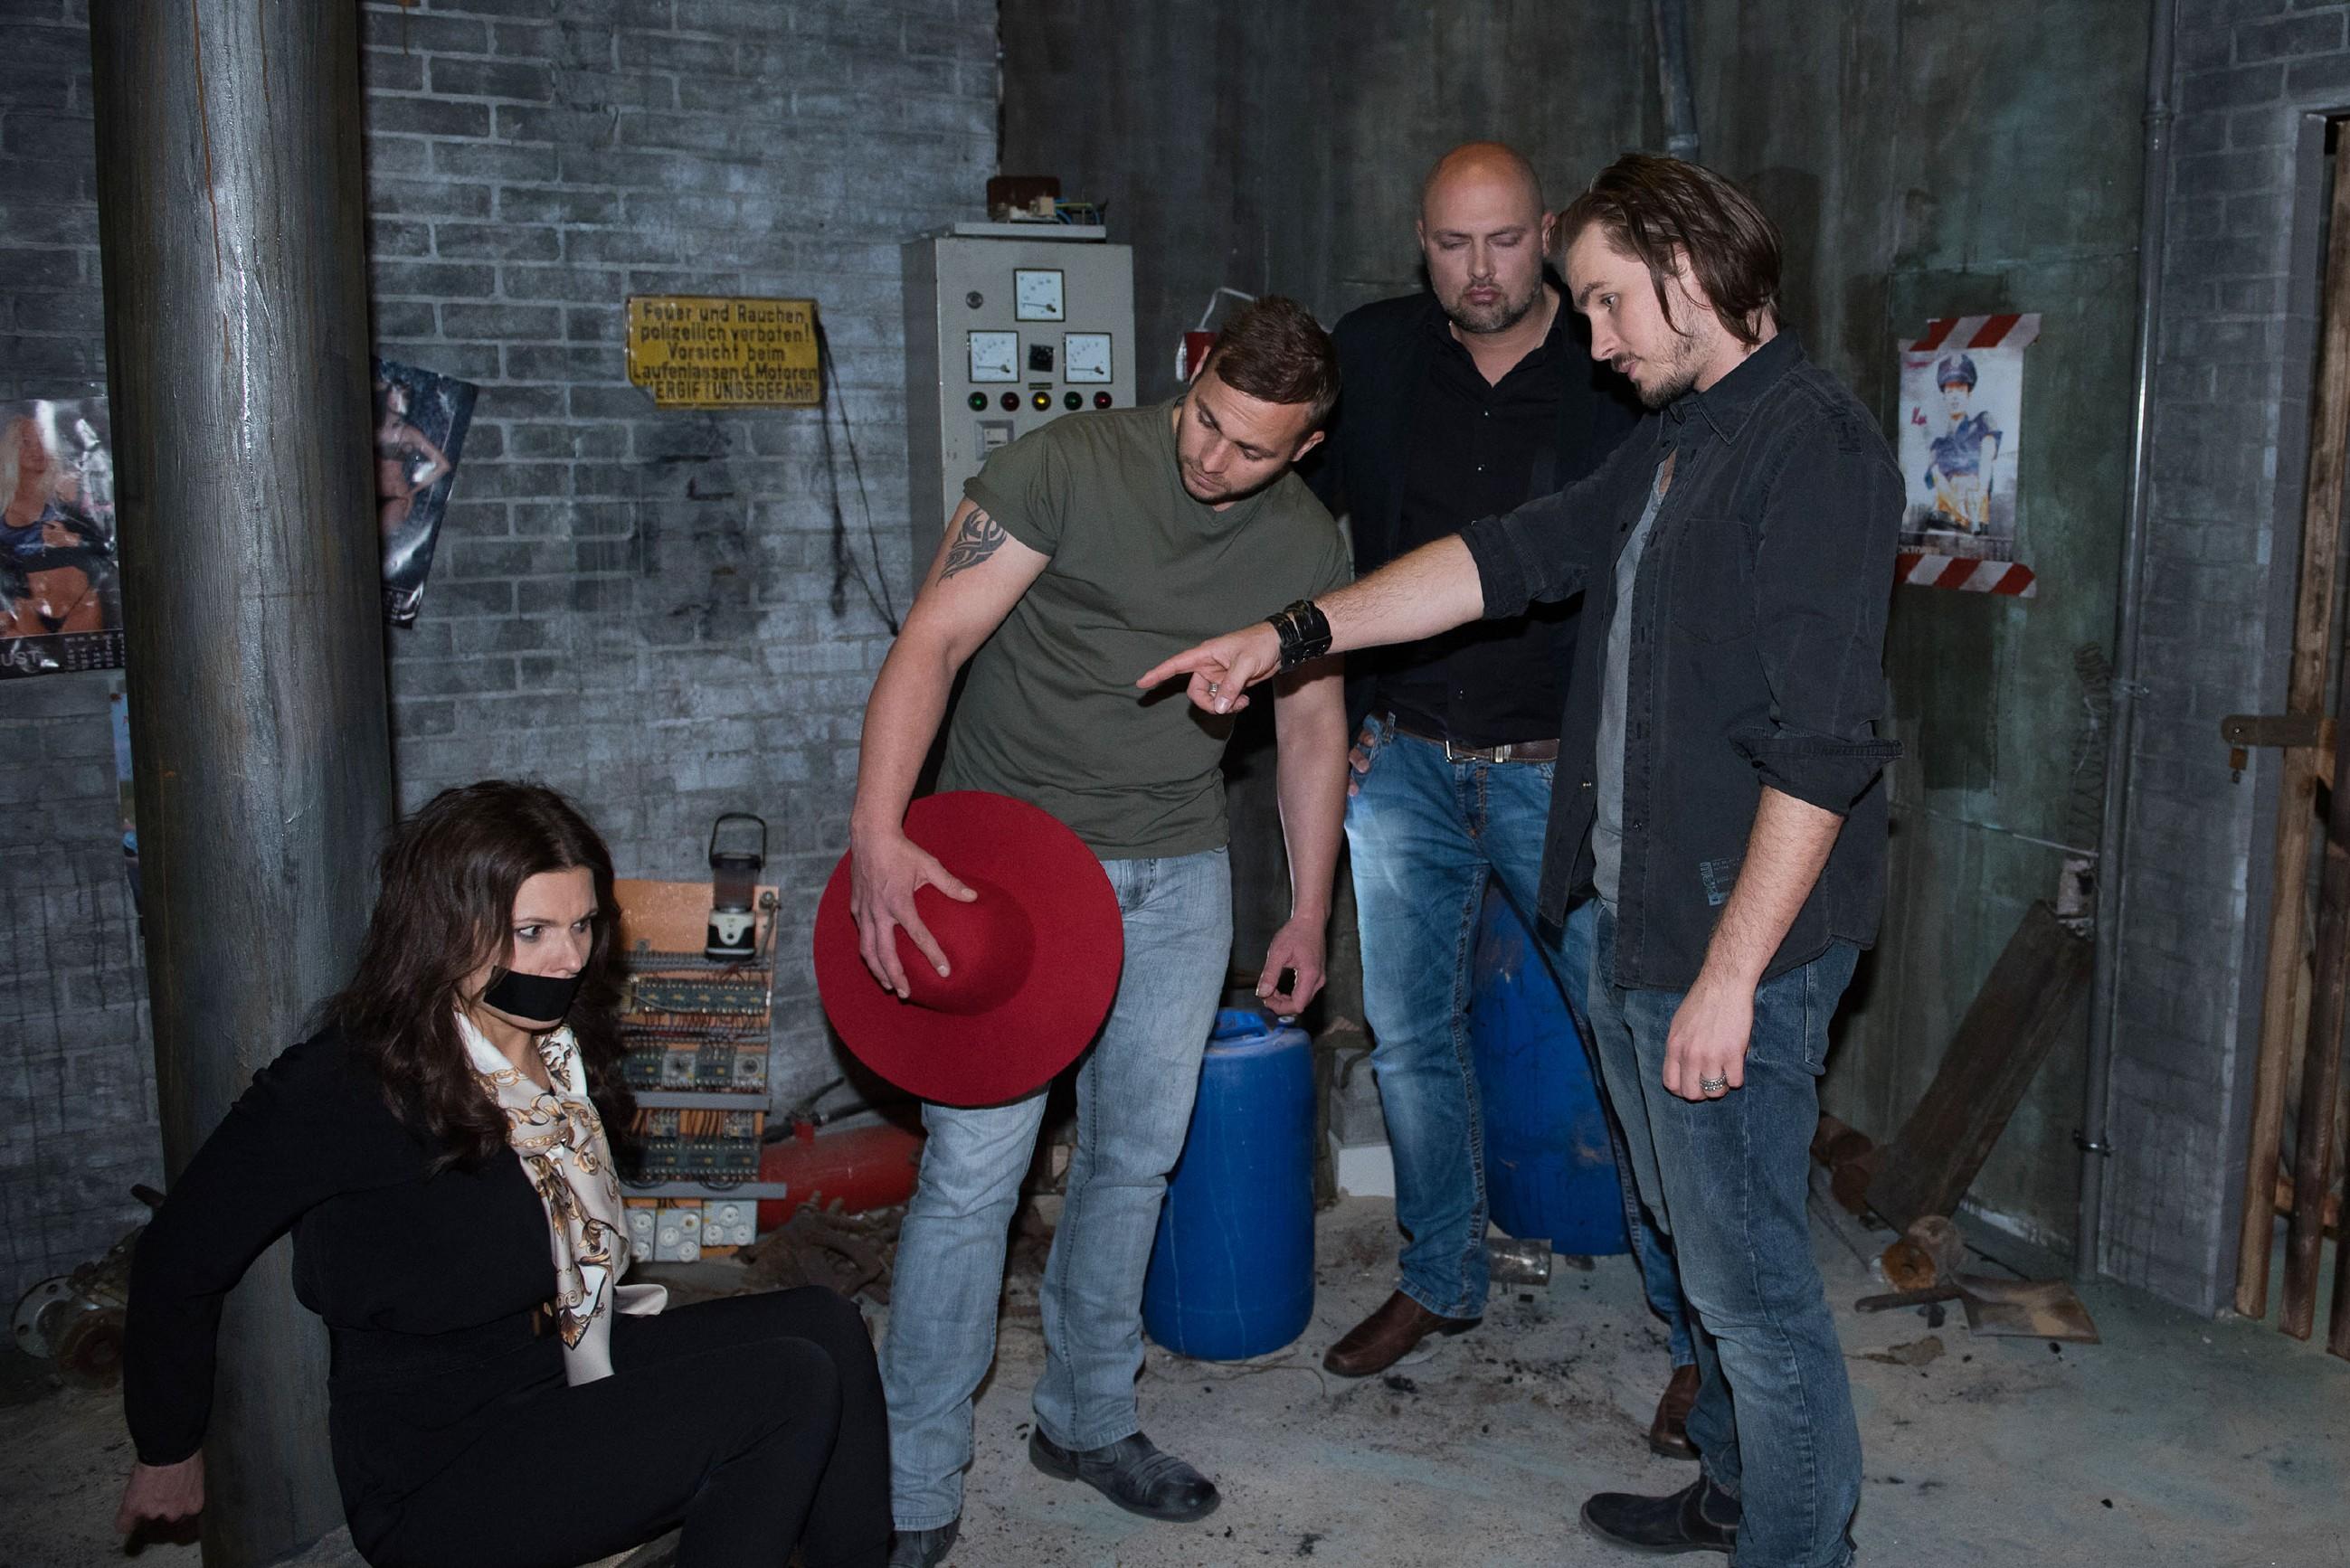 Britta (Tabea Heynig) findet sich verängstigt in den Fängen von Paul Schrader (Alexander Milz, r.) wieder, dessen Handlanger (2.v.l. Marcel Sehm, 2.v.r. Komparse) sie mit Jule verwechselt und entführt haben.